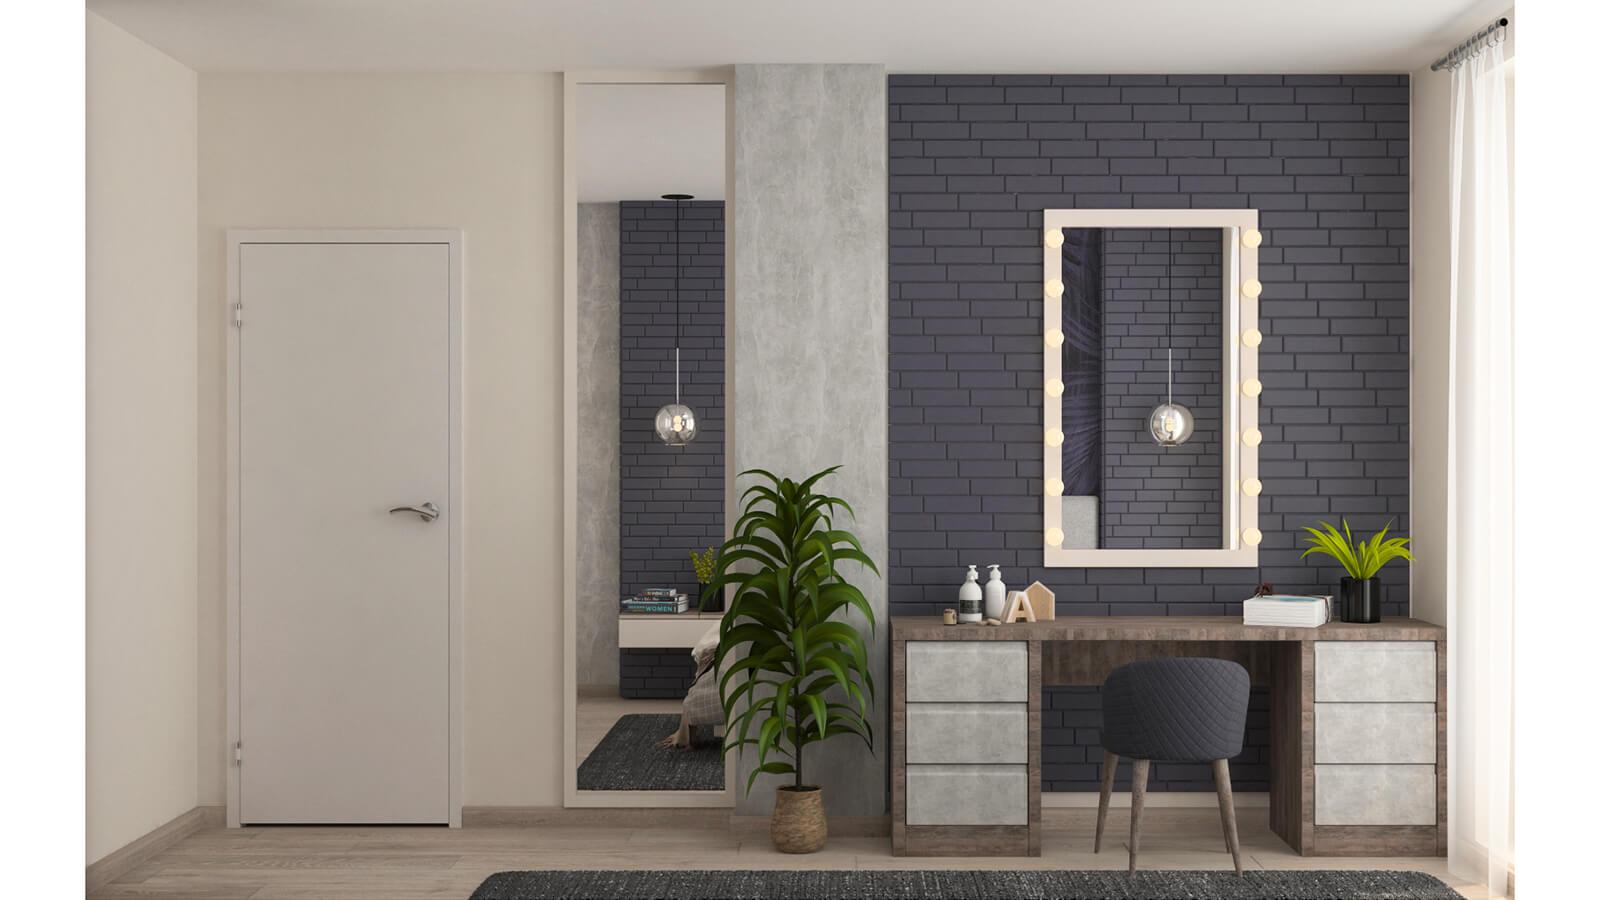 interioren-dizain-proekt-spalnya-esteta-design (1)